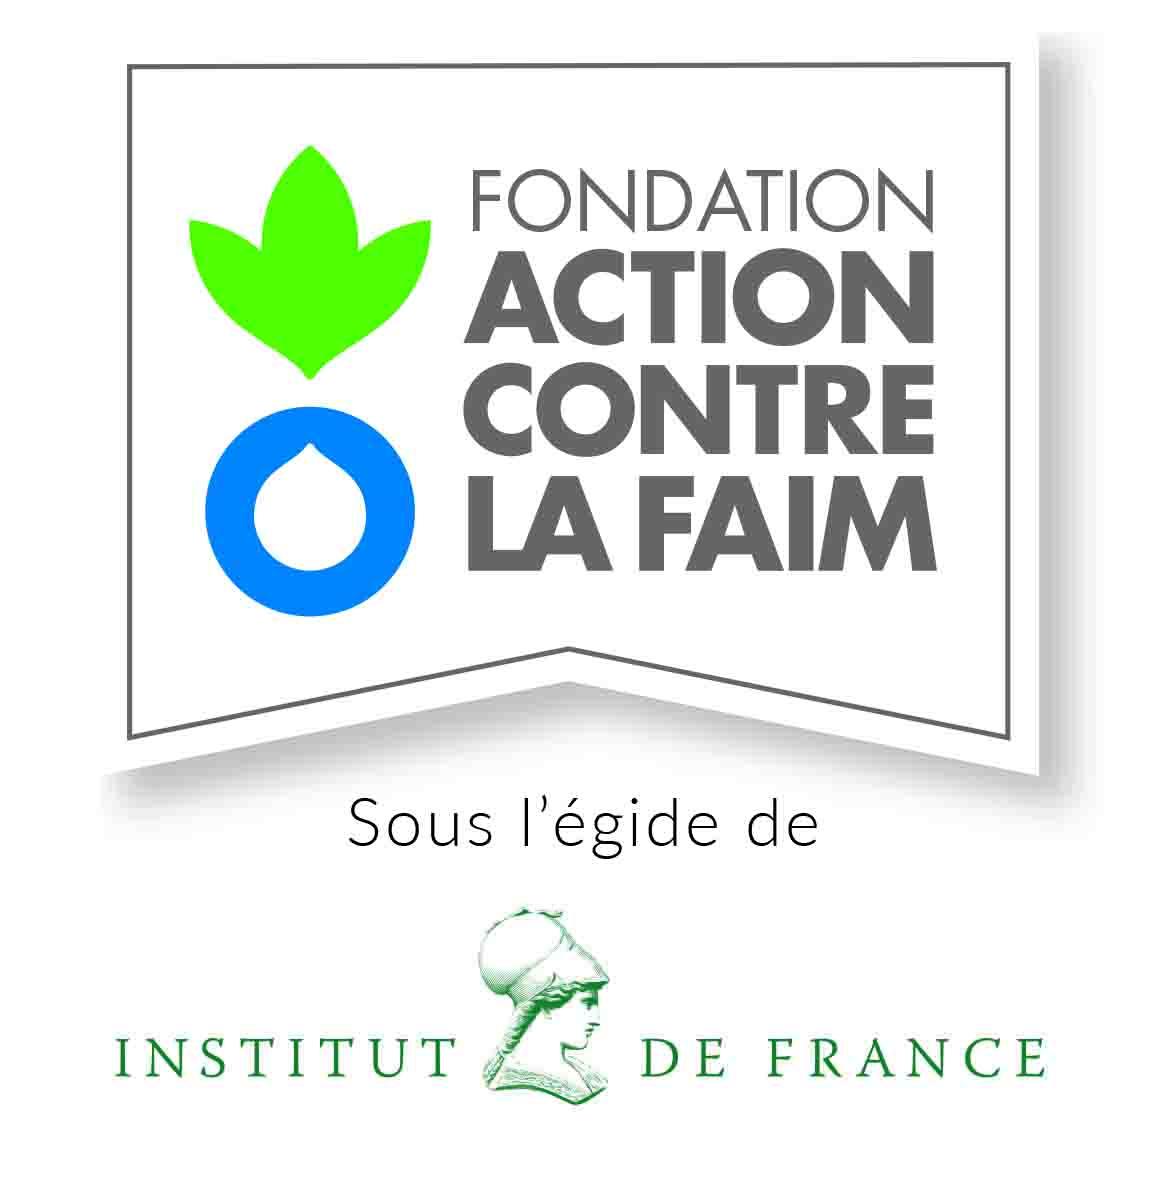 Fondation Action contre la faim